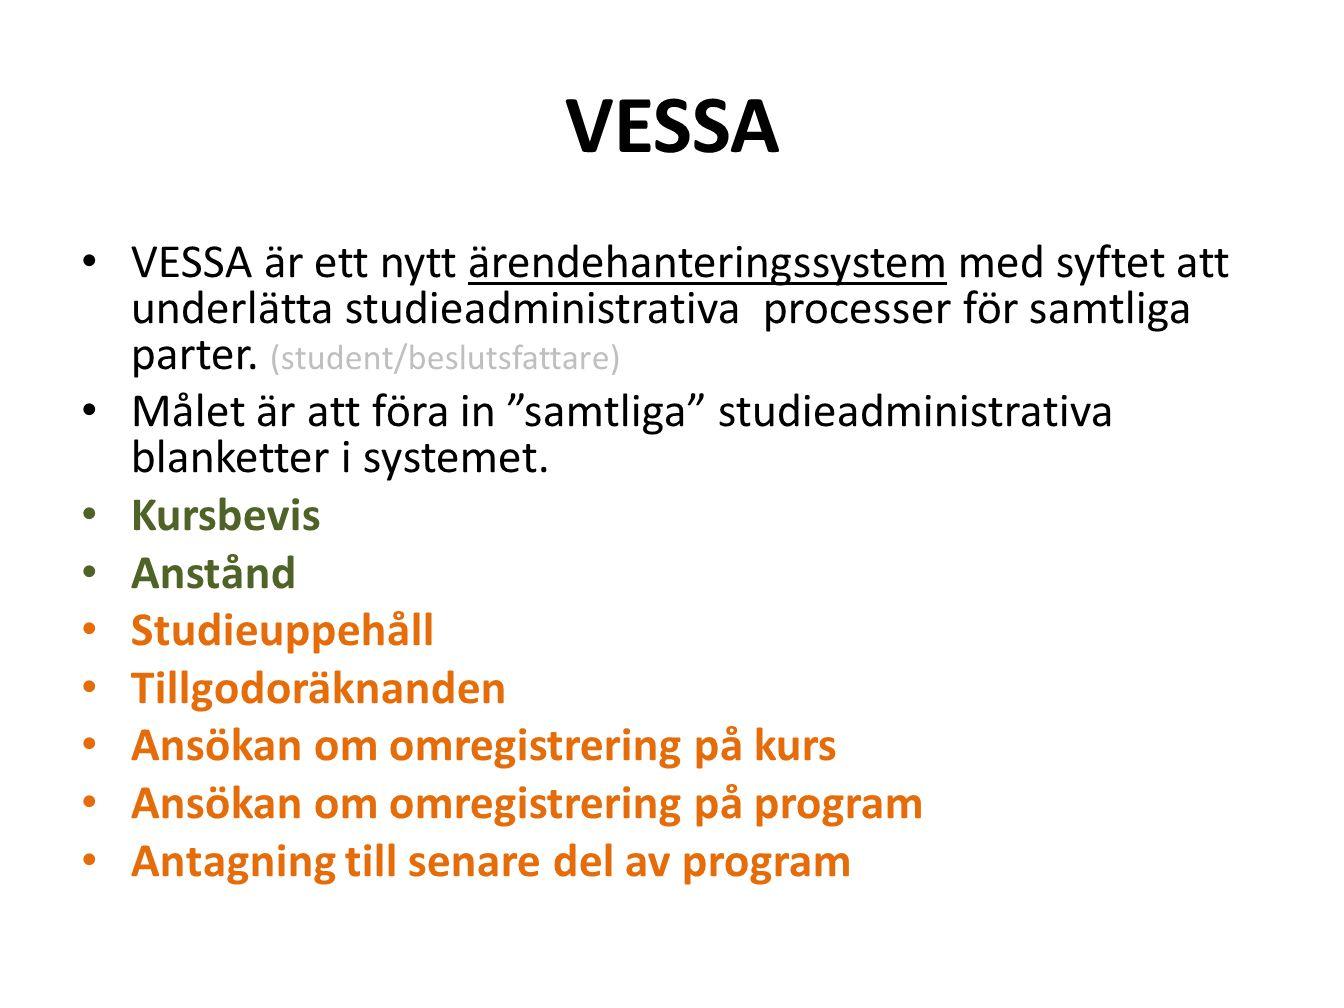 VESSA VESSA är ett nytt ärendehanteringssystem med syftet att underlätta studieadministrativa processer för samtliga parter. (student/beslutsfattare)